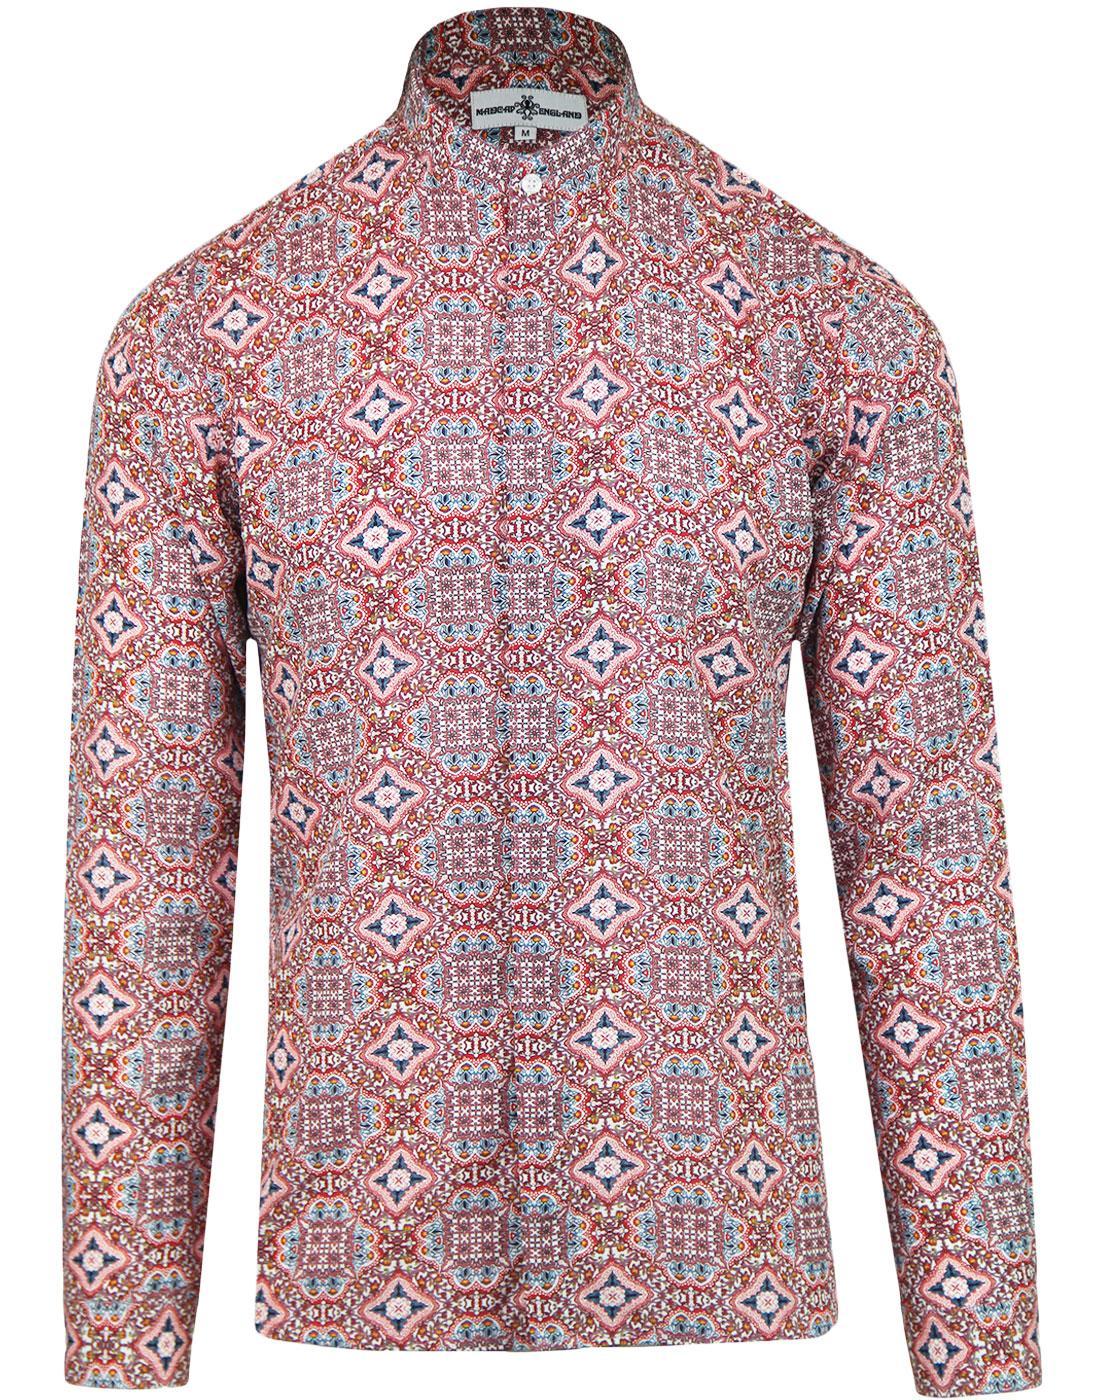 Lotus Floral MADCAP ENGLAND Grandad Collar Shirt